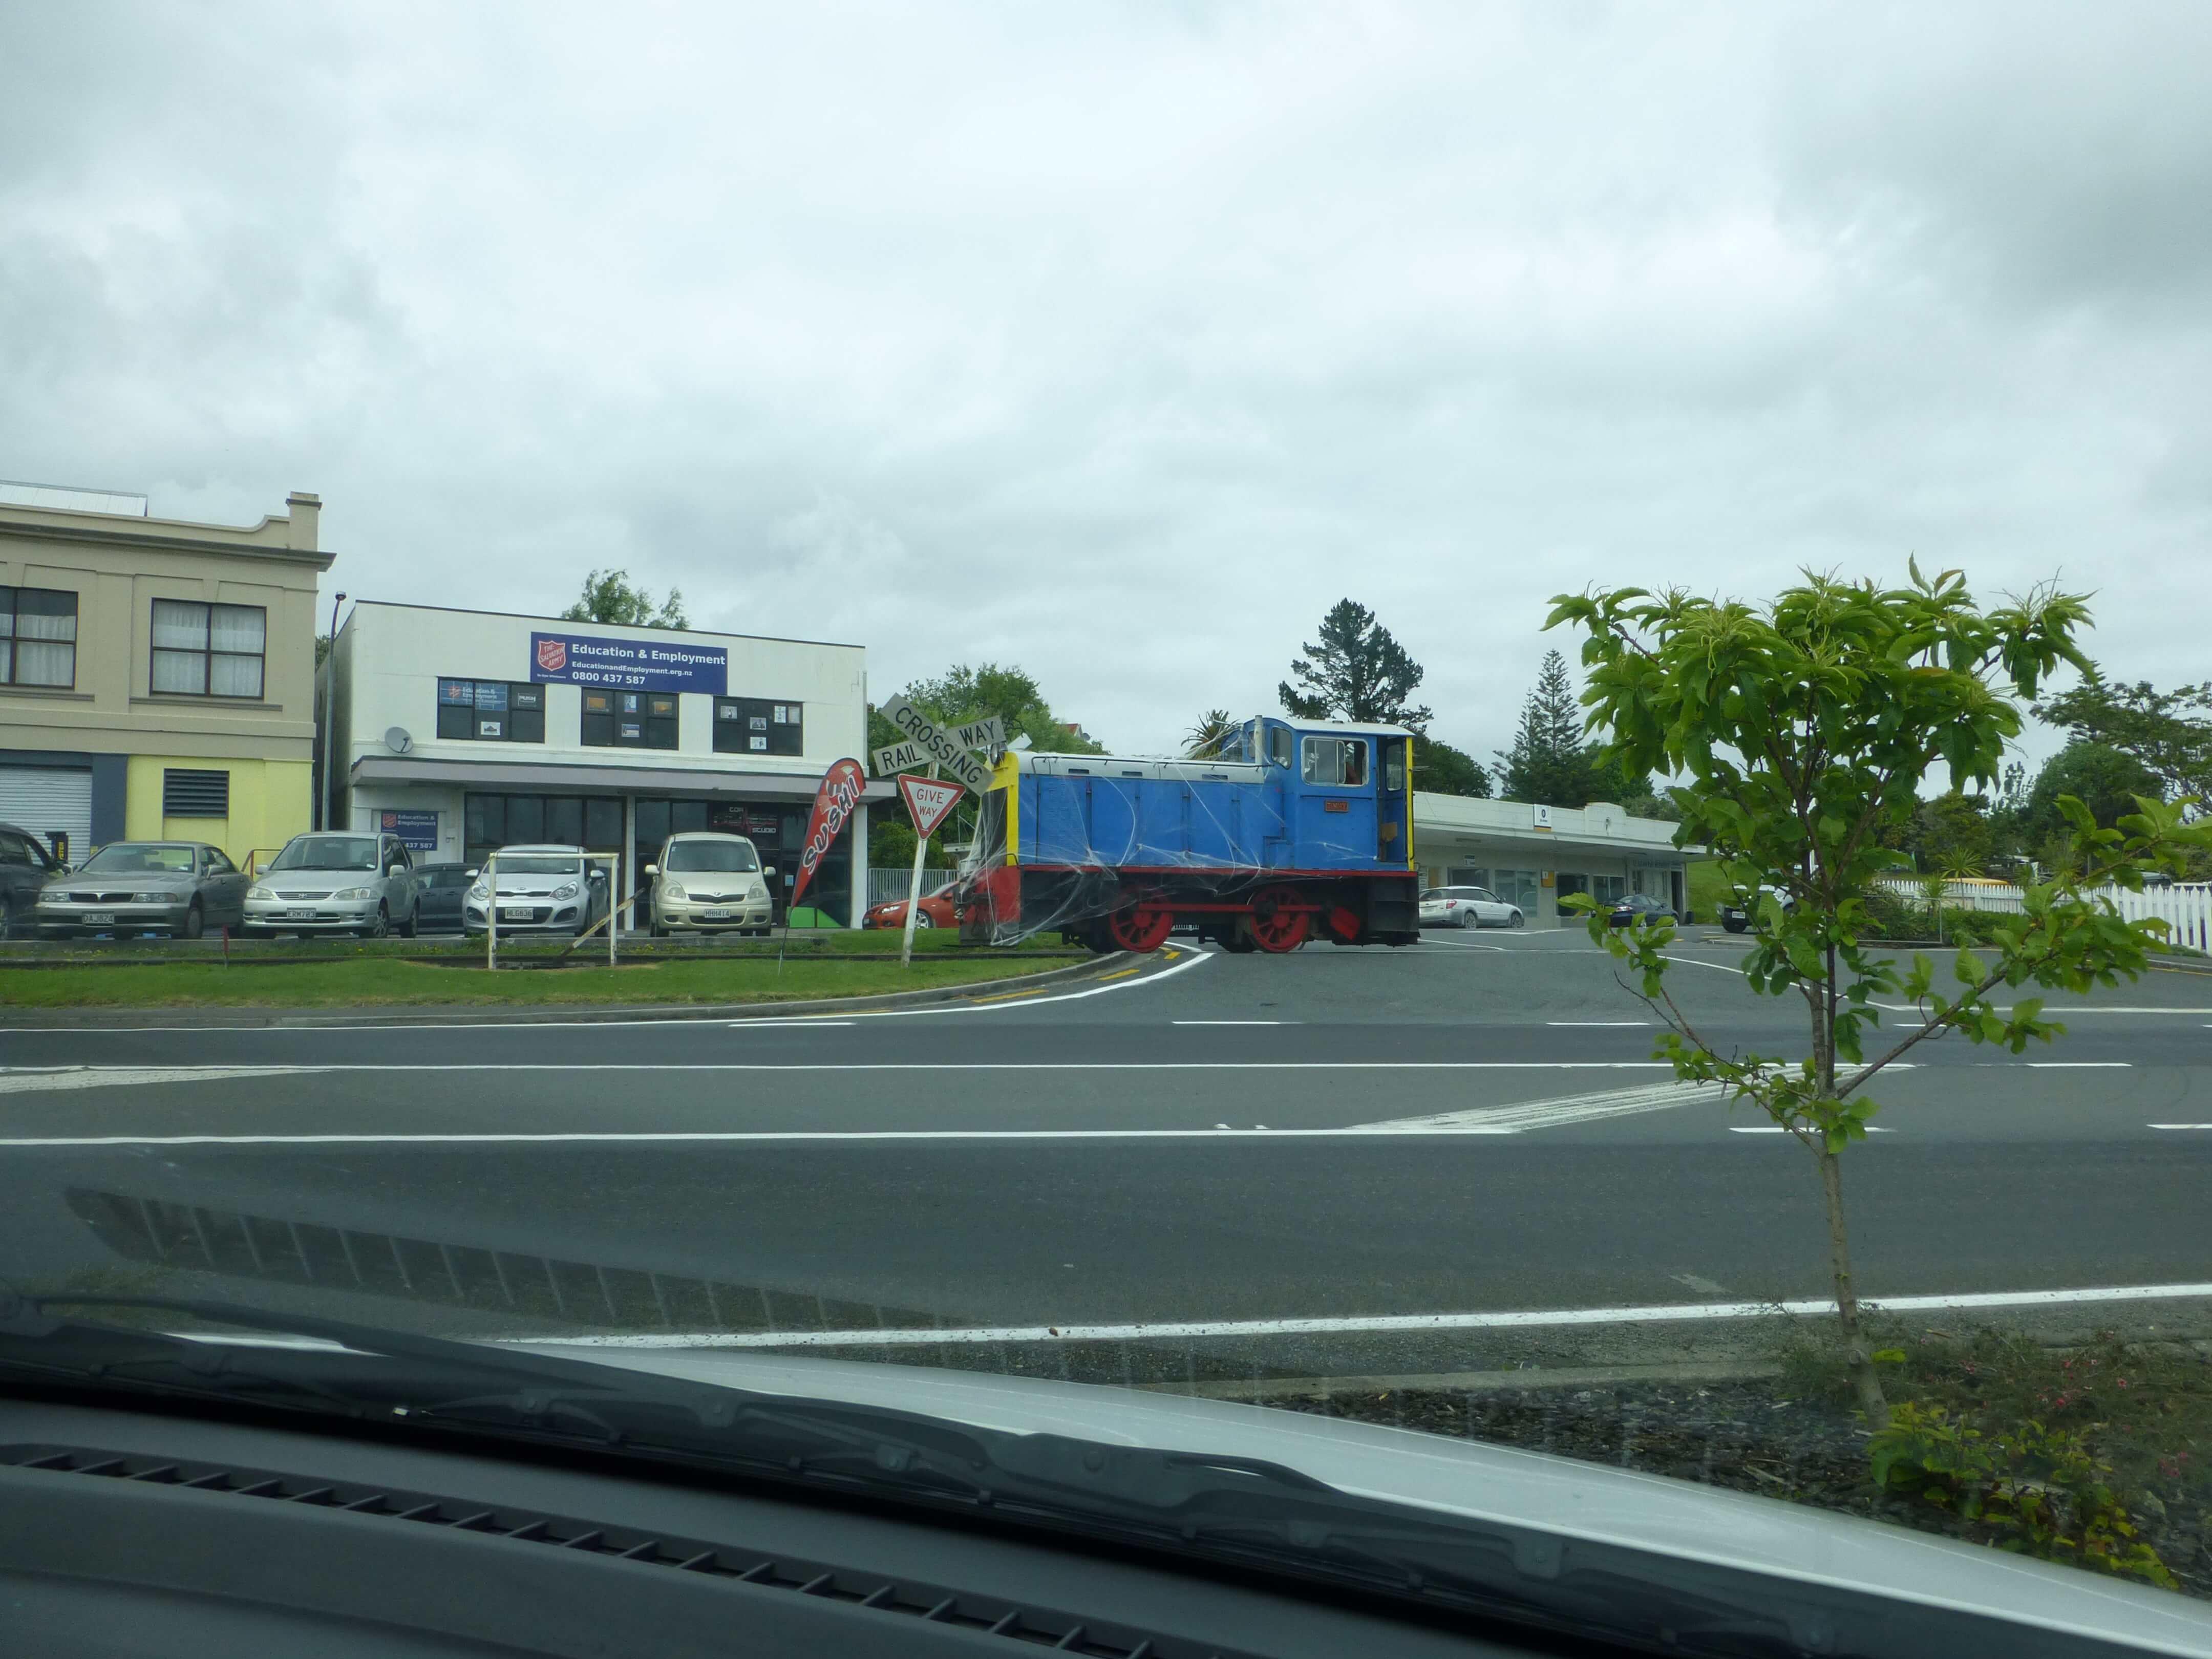 weit-weg.reisen, Kawakawa, Hundertwasser 2